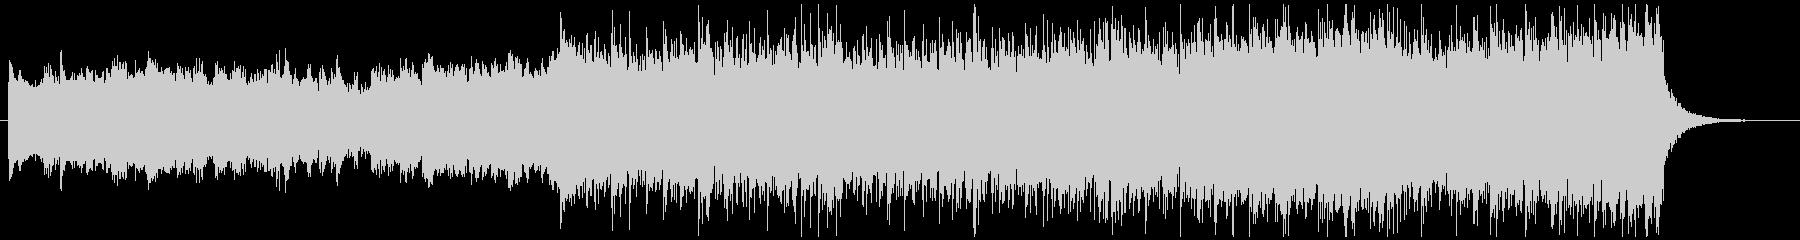 ハイブリッドシネマティック/インサートの未再生の波形